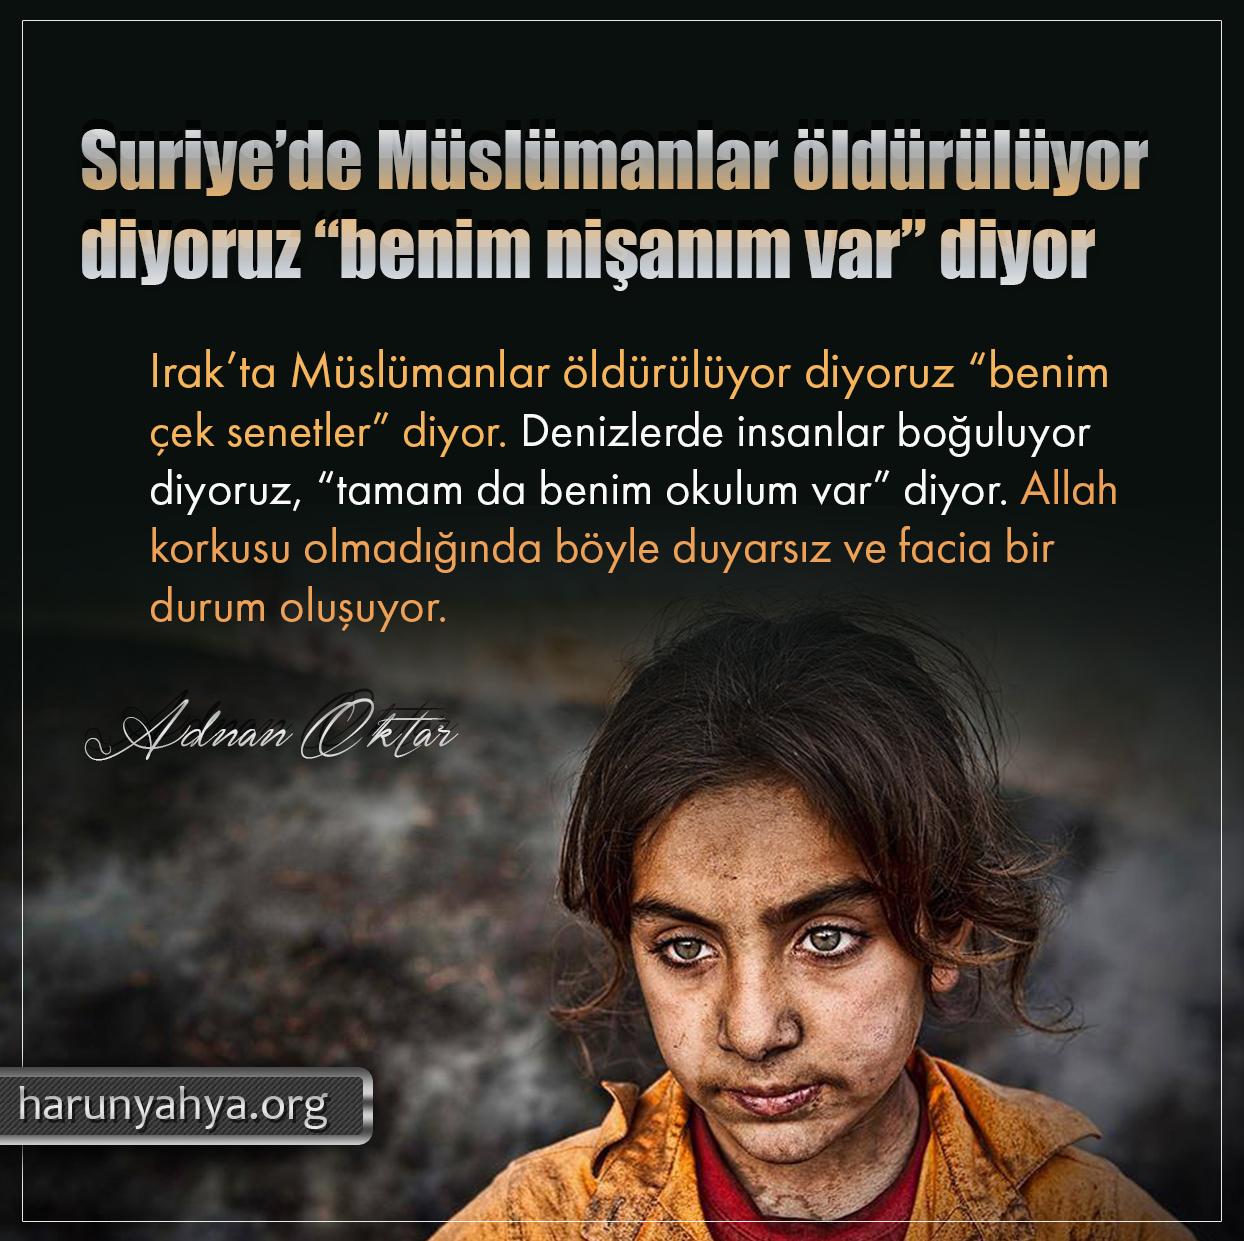 """<table style=""""width: 100%;""""><tr><td style=""""vertical-align: middle;"""">Suriye'de Müslümanlar öldürülüyor diyoruz """"benim nişanım var"""" diyor. Irak'ta Müslümanlar öldürülüyor diyoruz """"benim çek senetler"""" diyor. Denizlerde insanlar boğuluyor diyoruz, """"tamam da benim okulum var"""" diyor. Allah korkusu olmadığında böyle duyarsız ve facia bir durum oluşuyor.</td><td style=""""max-width: 70px;vertical-align: middle;""""> <a href=""""/downloadquote.php?filename=1527141475649.jpg""""><img class=""""hoversaturate"""" height=""""20px"""" src=""""/assets/images/download-iconu.png"""" style=""""width: 48px; height: 48px;"""" title=""""Resmi İndir""""/></a></td></tr></table>"""